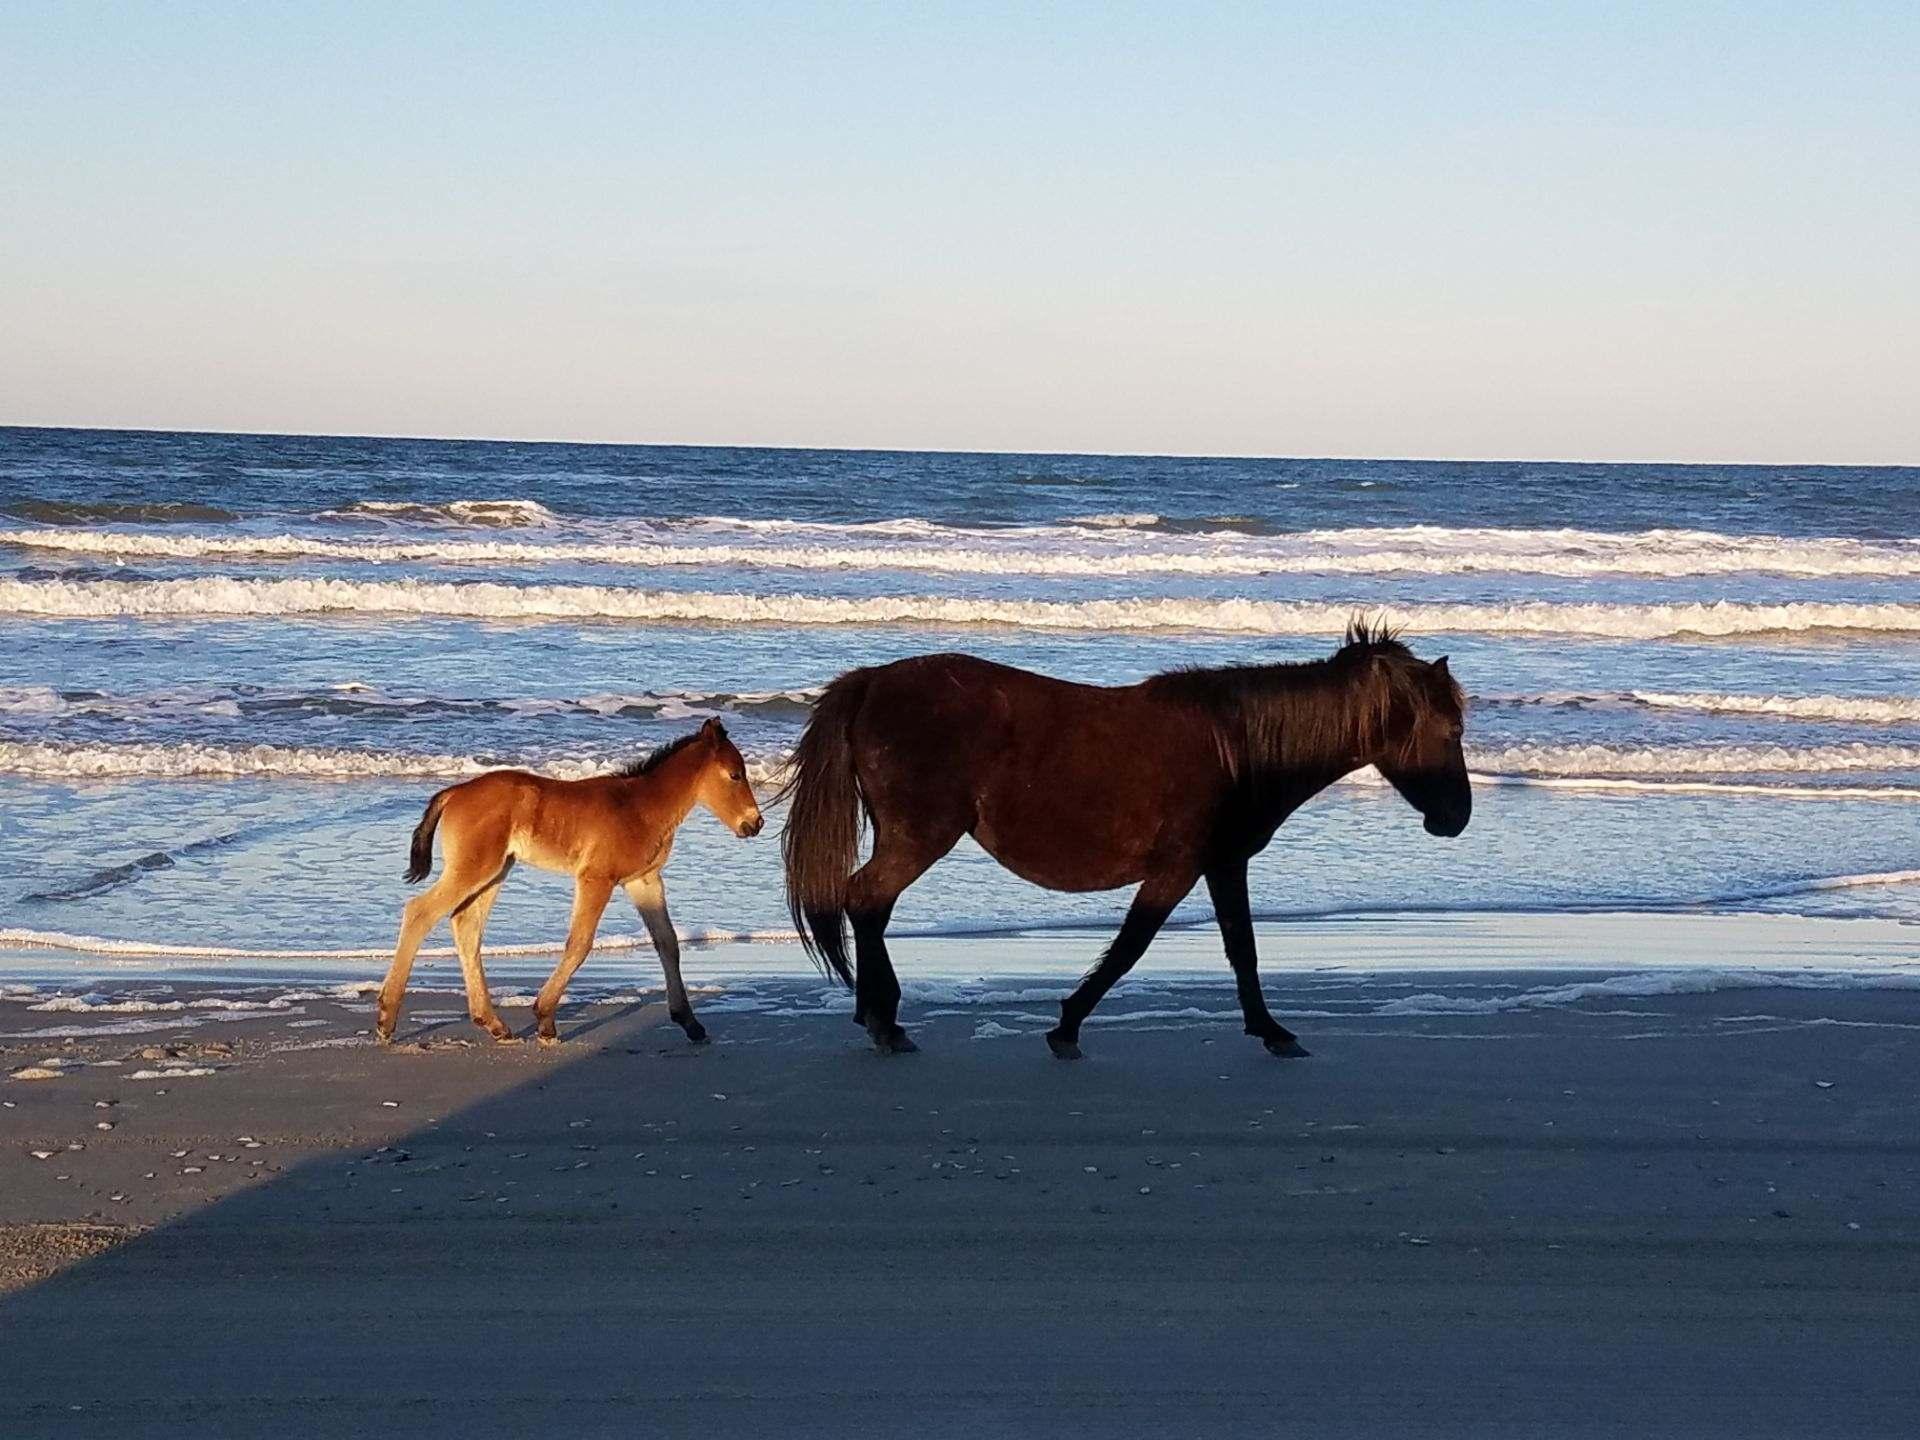 Horses photo by Mike Davenport_1554398078091.jpg.jpg